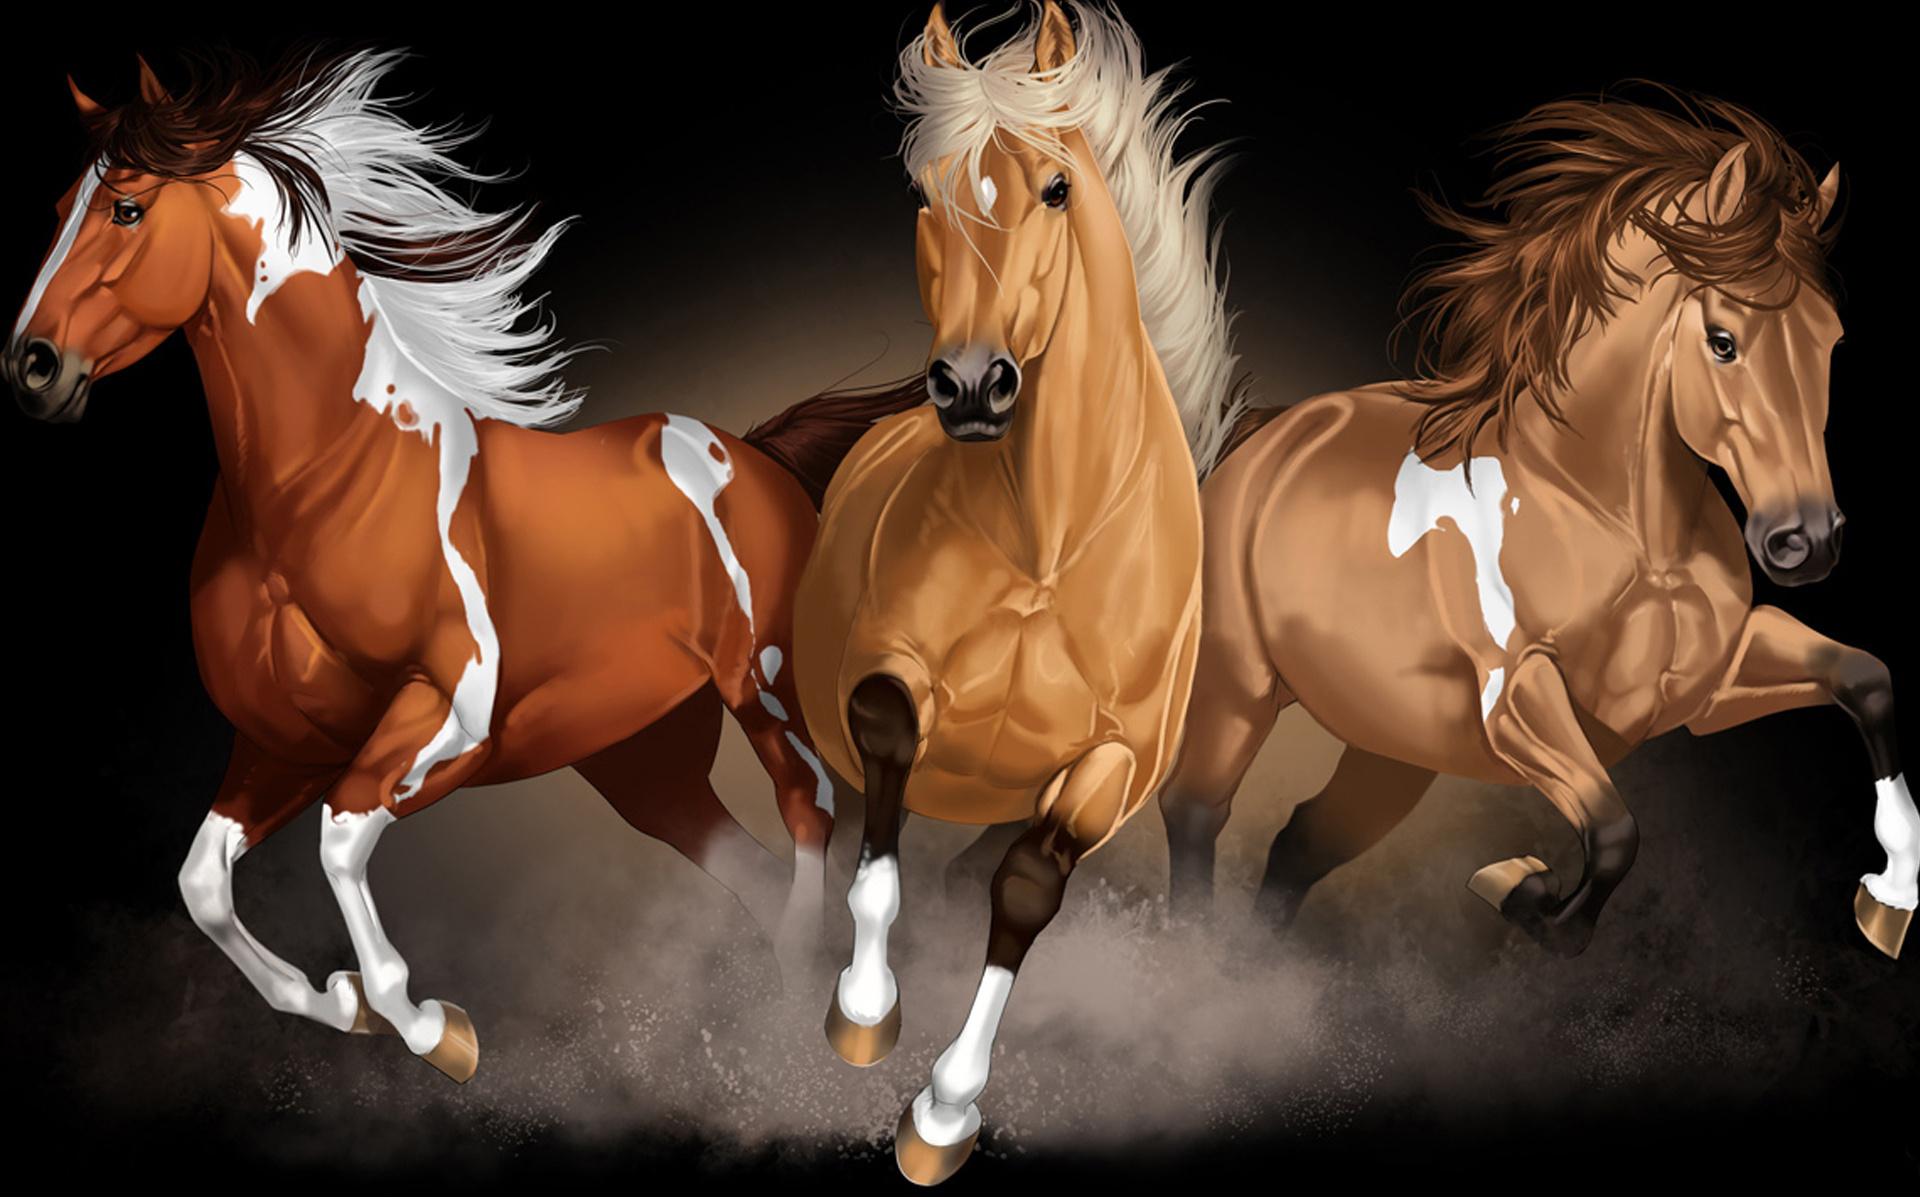 Классу, красивые открытки с лошадями